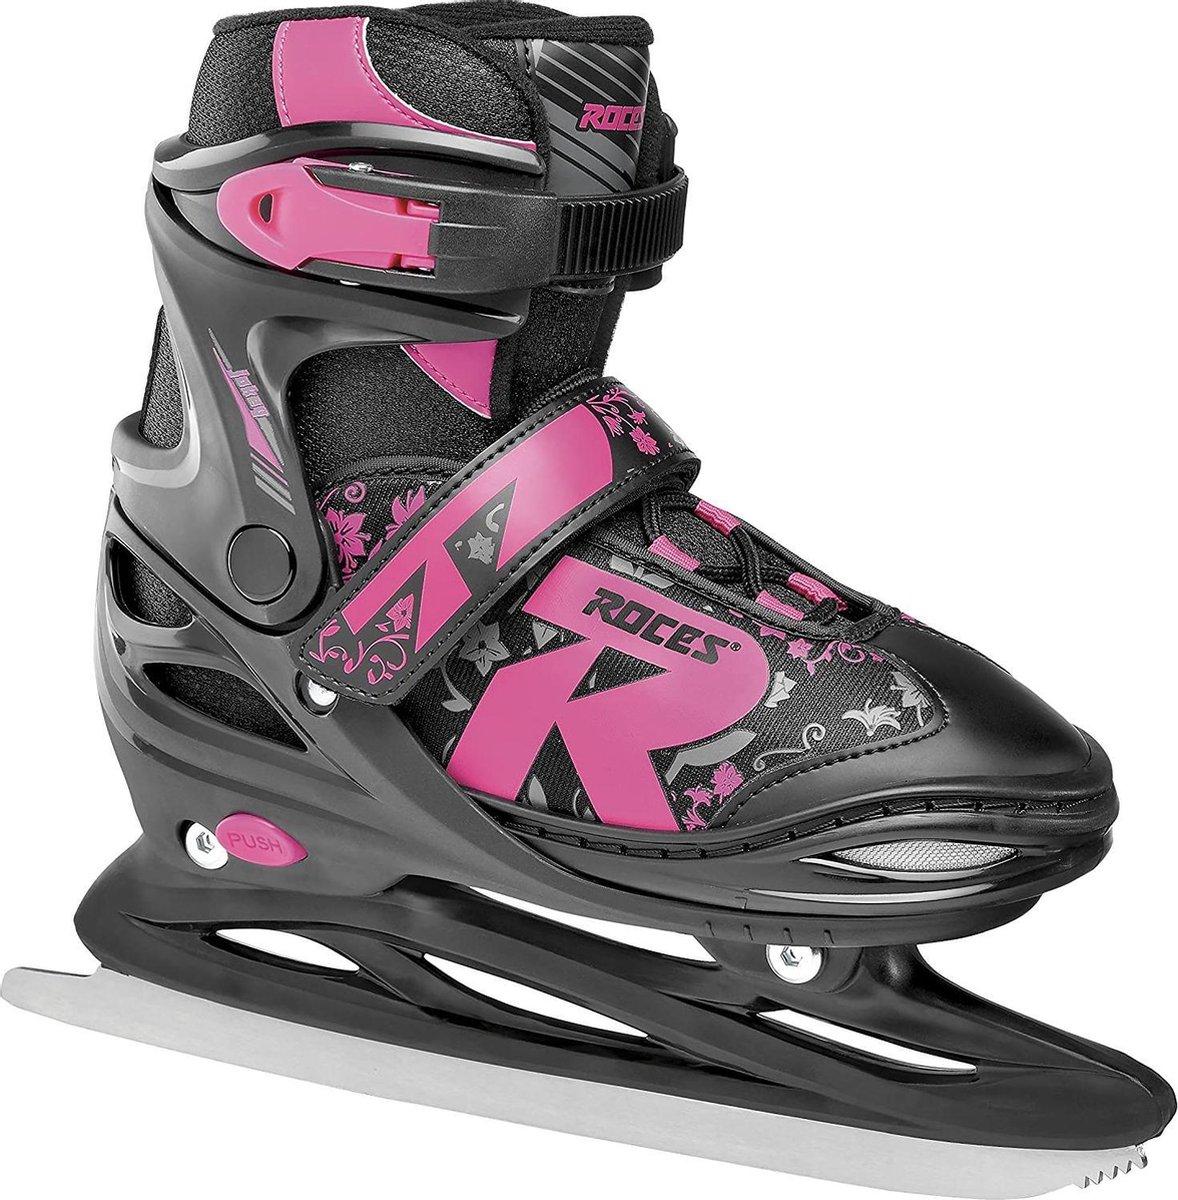 Roces - Jokey ice 2.0 - Verstelbare schaatsen - Maat 30-33 - Zwart - Roze - IJshockeyschaats voor kinderen